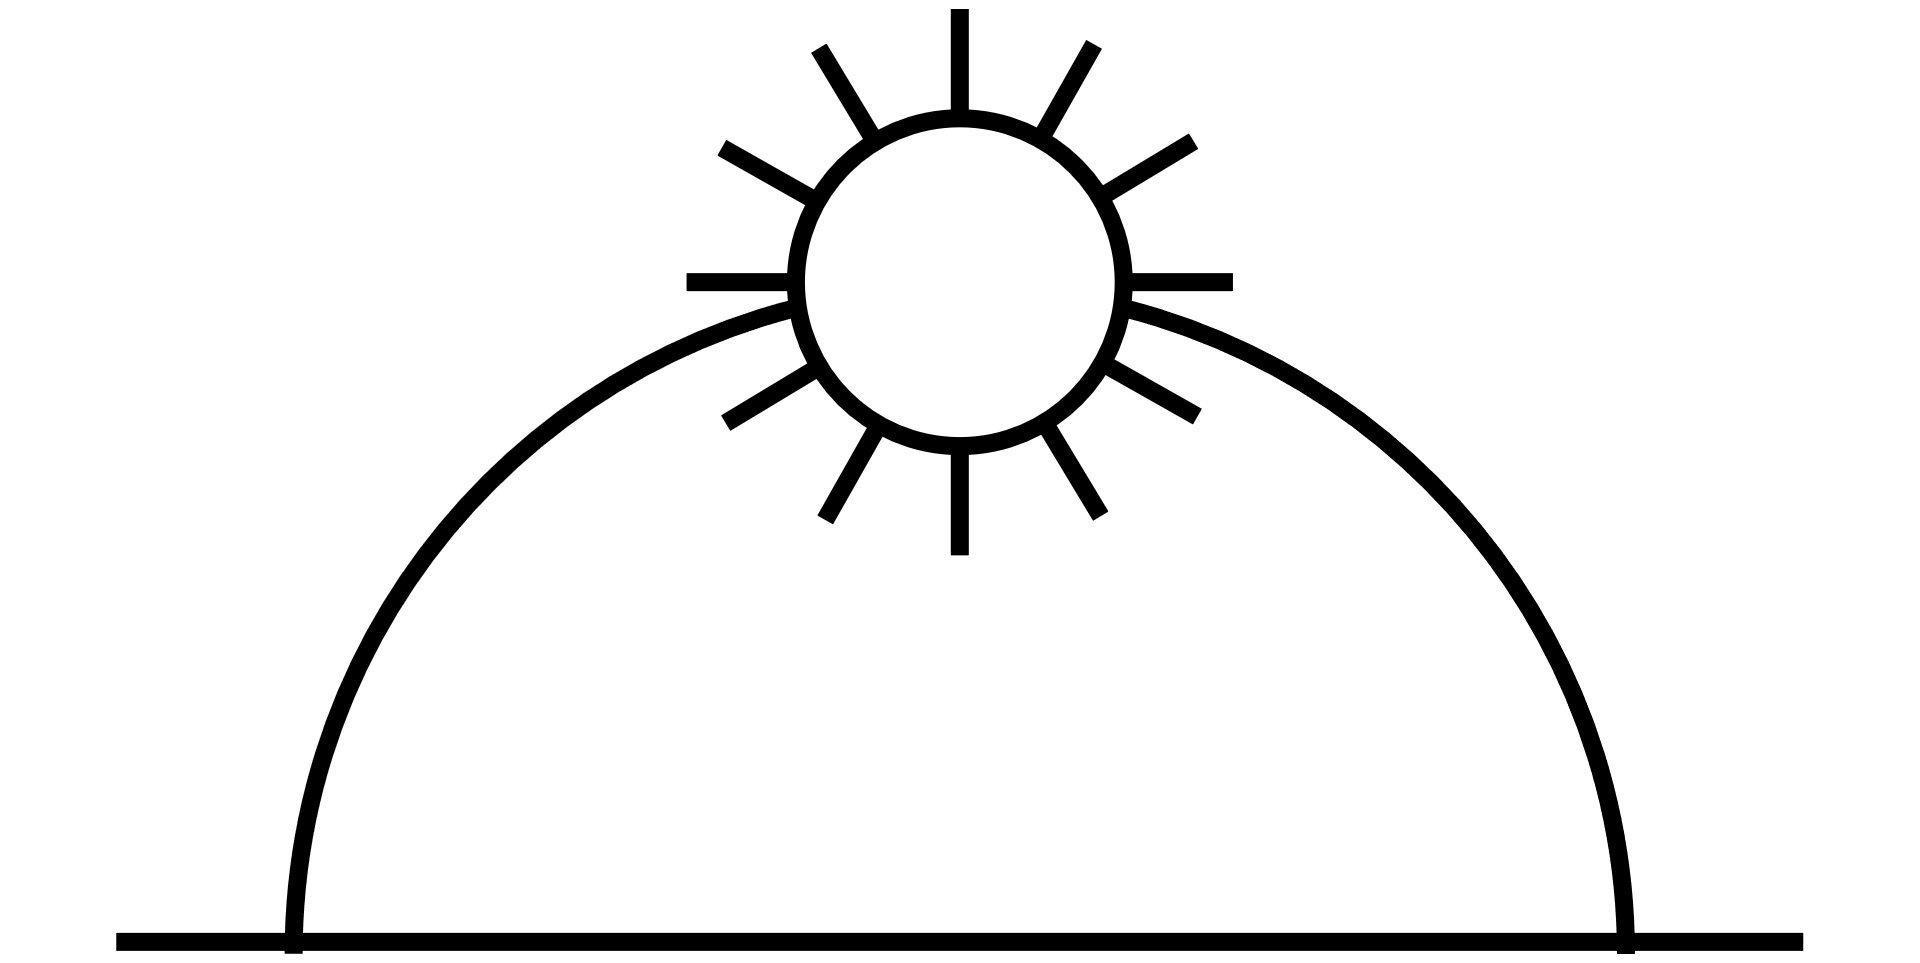 Grafik zeigt den Lauf der Sonne. Die Sonne steht am höchsten Punkt.